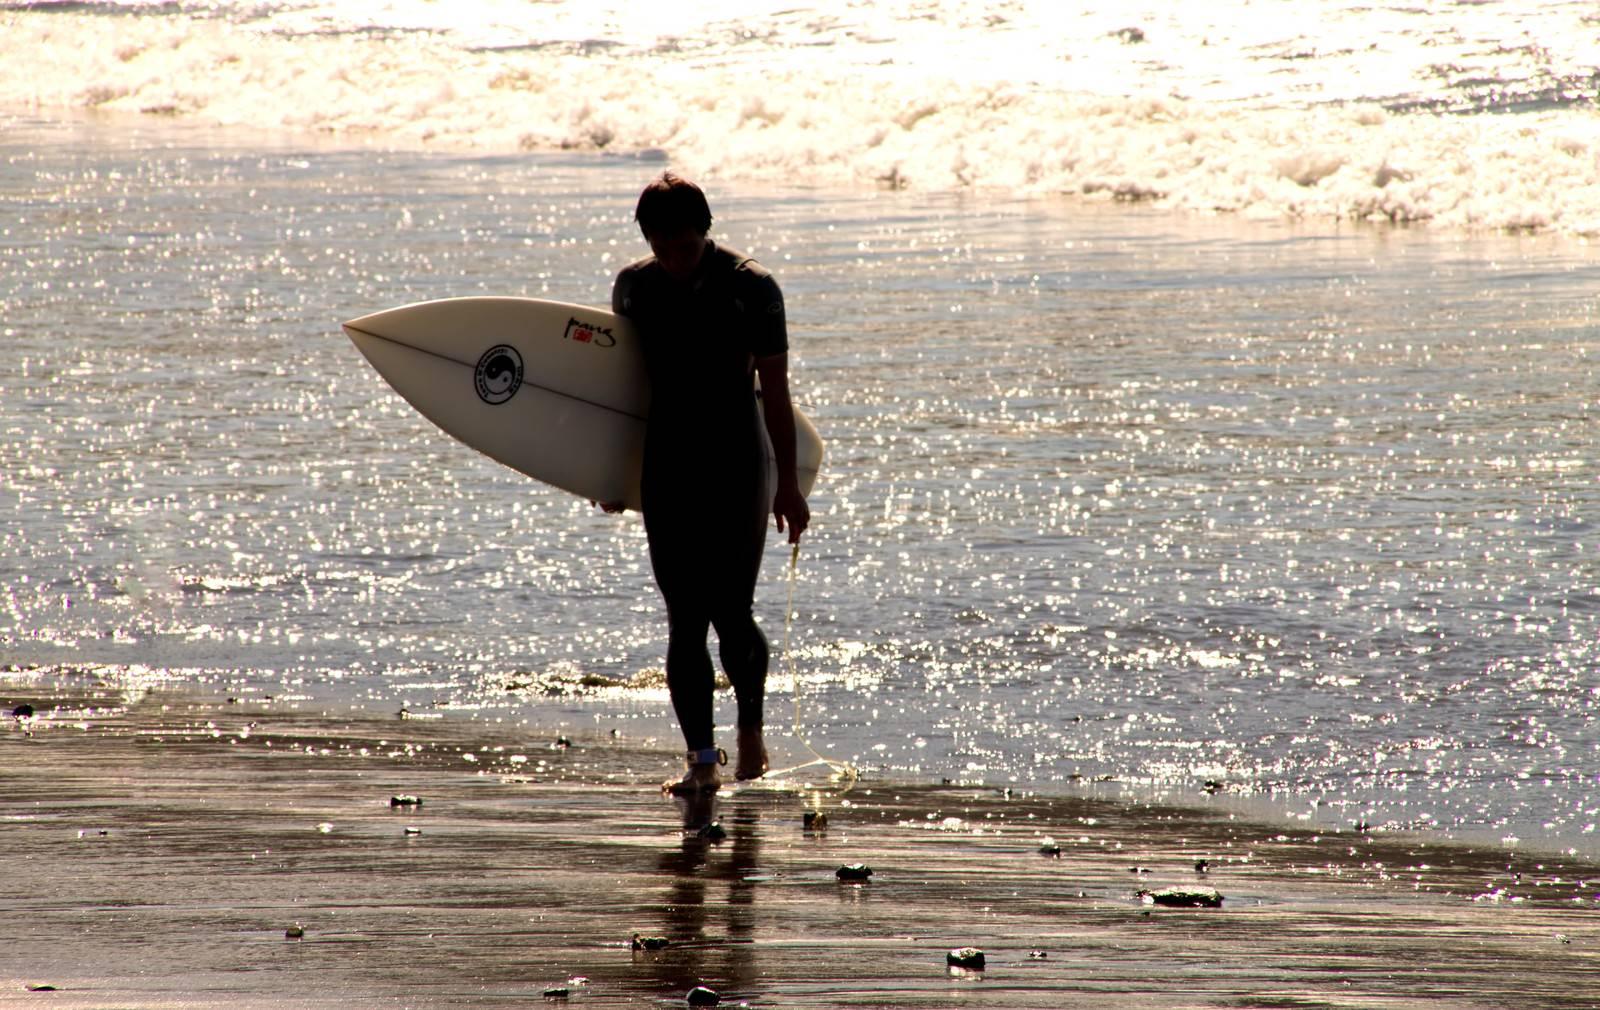 砂浜を歩くサーファー 無料の写真素材はフリー素材のぱくたそ